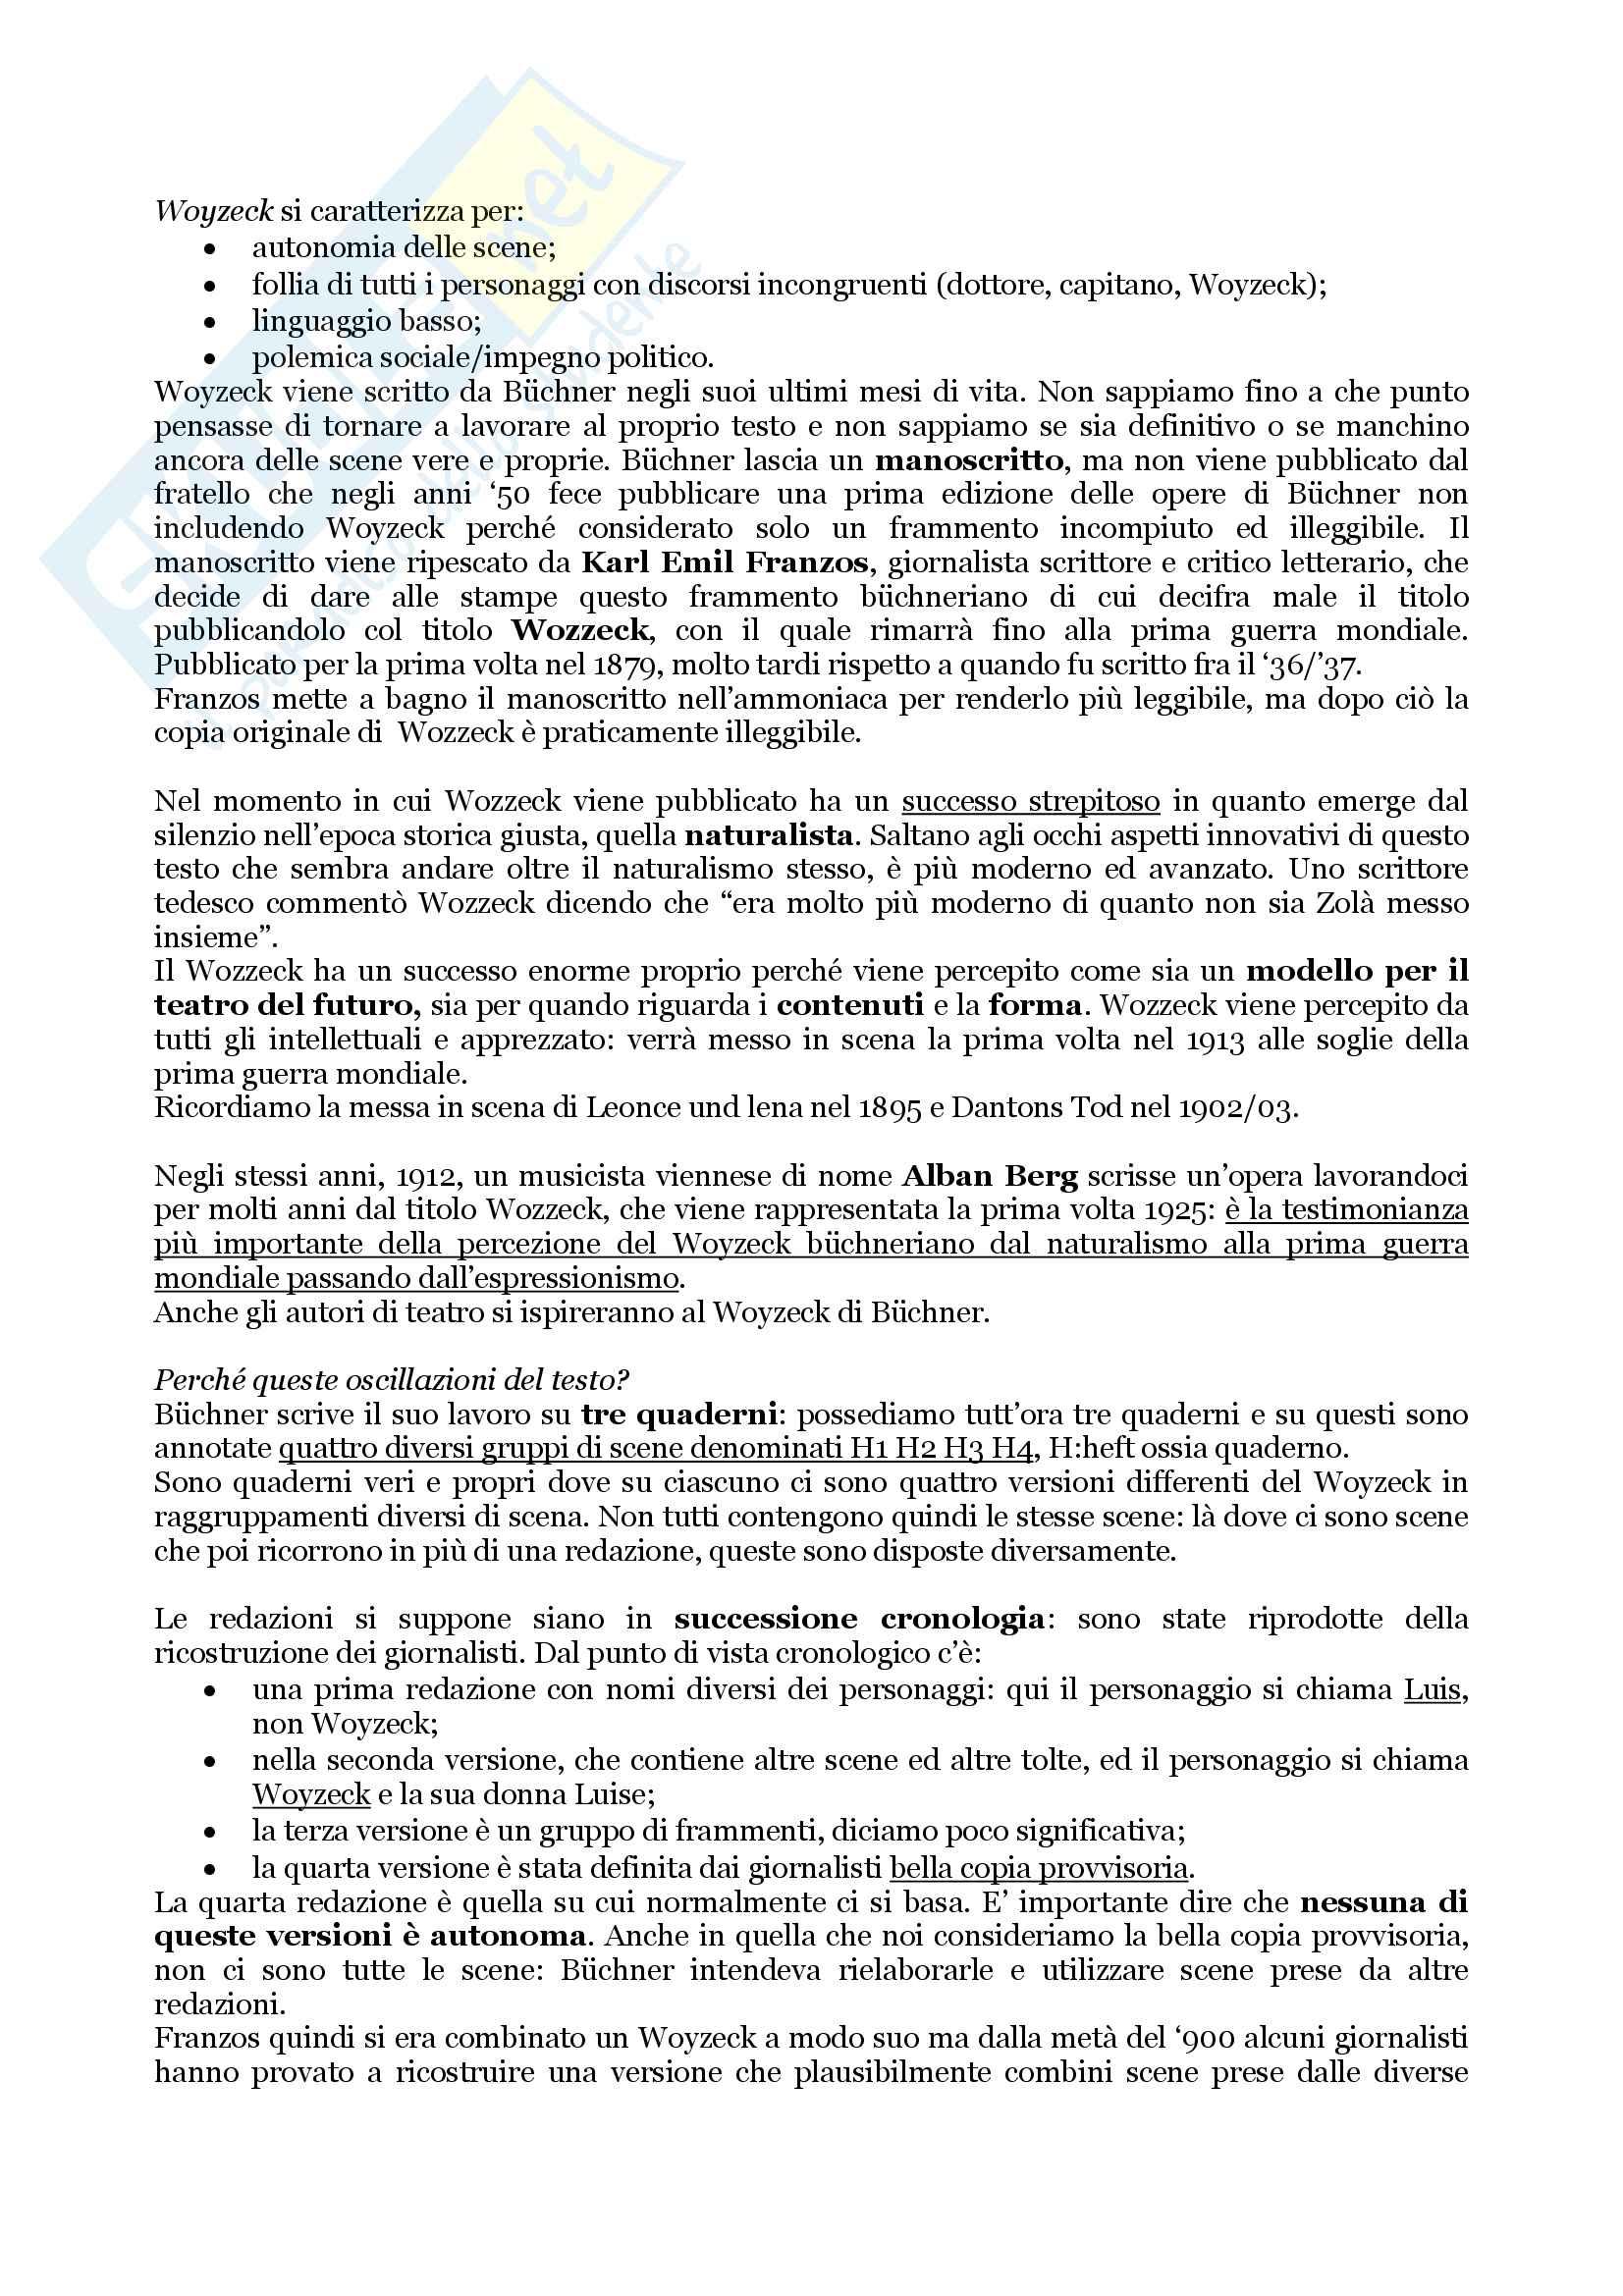 """Riassunto esame per l'esame di Letteratura Tedesca, docente Giovanna Cermelli, libro consigliato""""Woyzeck"""" di Georg Büchner"""